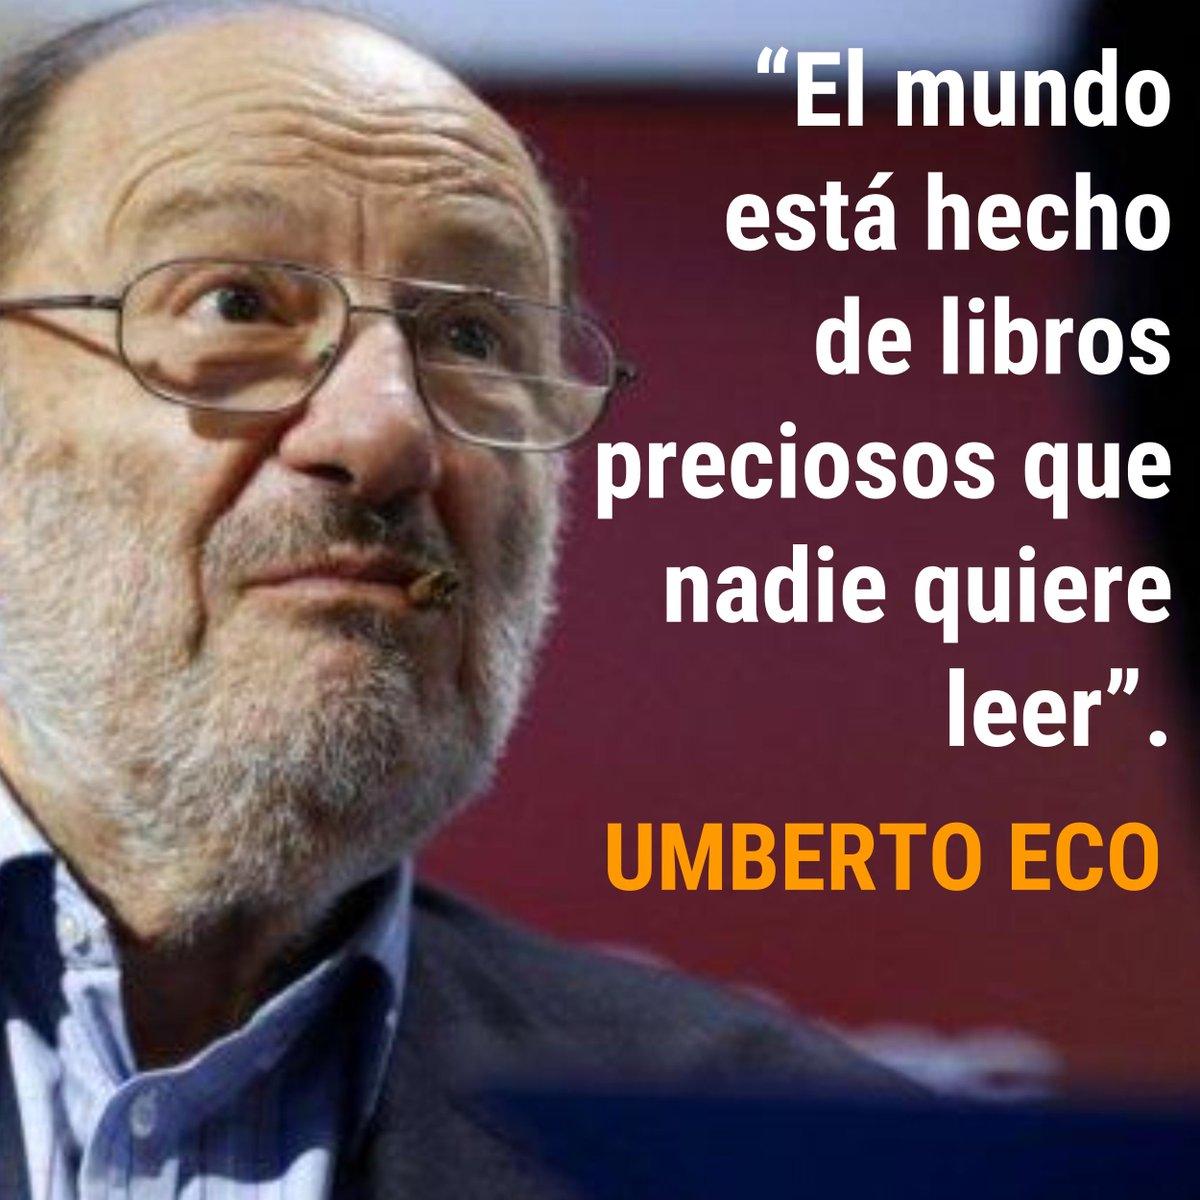 Umberto Eco, M2.0